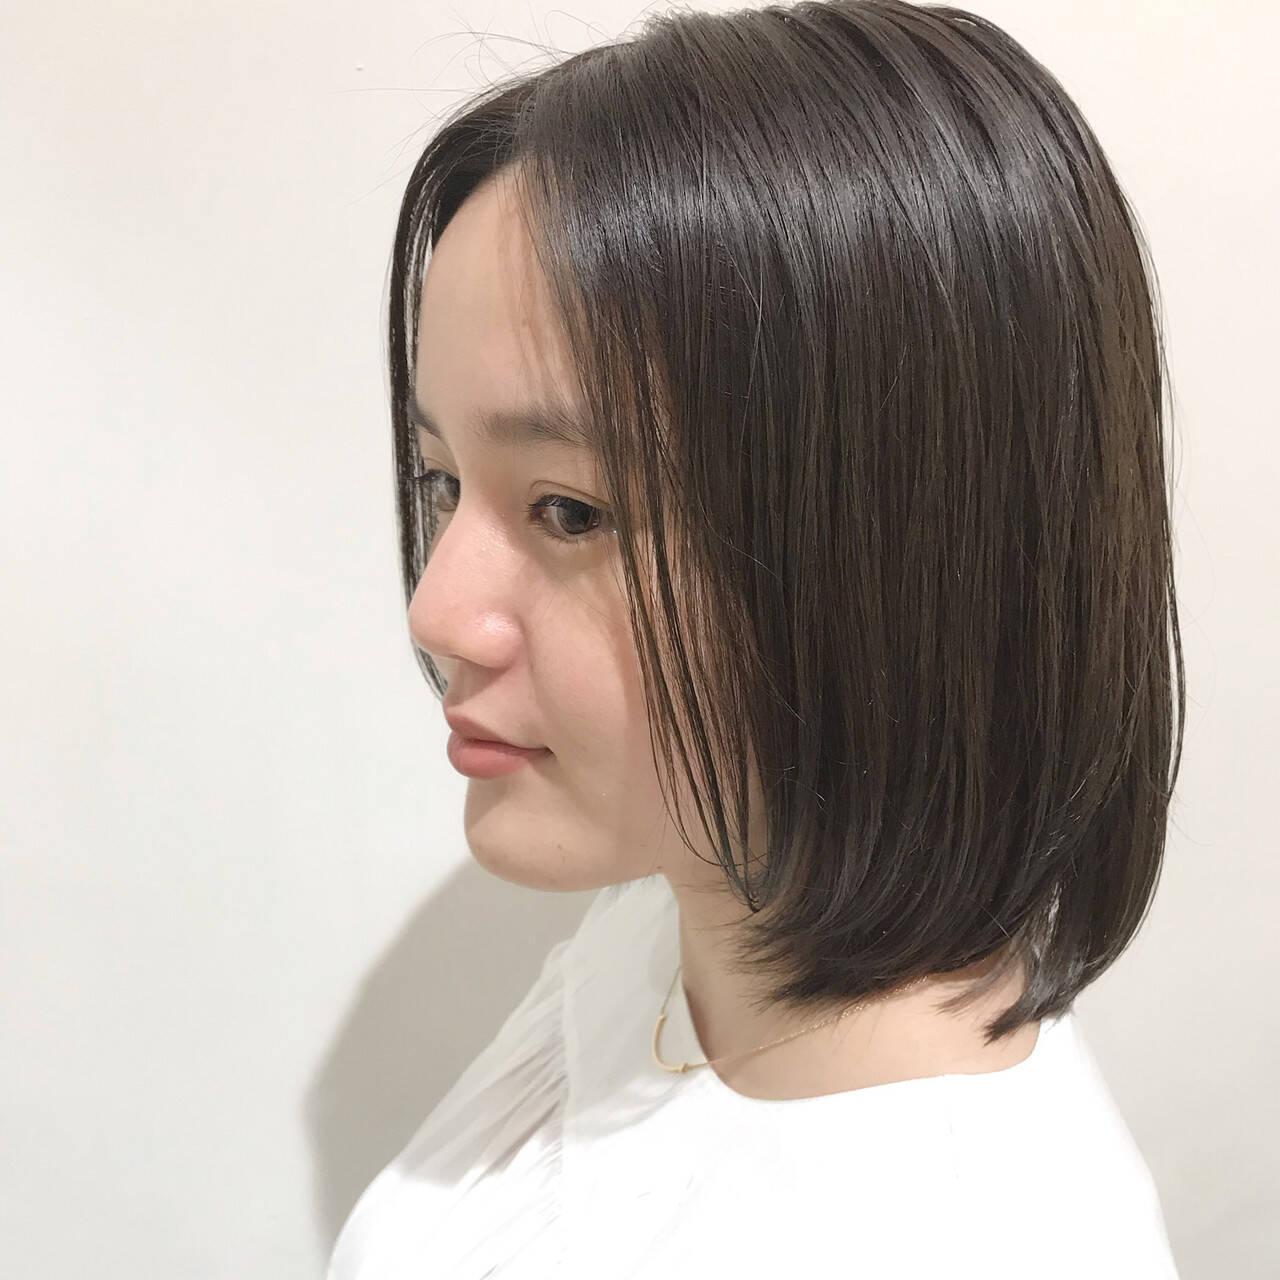 オリーブグレージュ ボブ オリーブベージュ ブリーチなしヘアスタイルや髪型の写真・画像